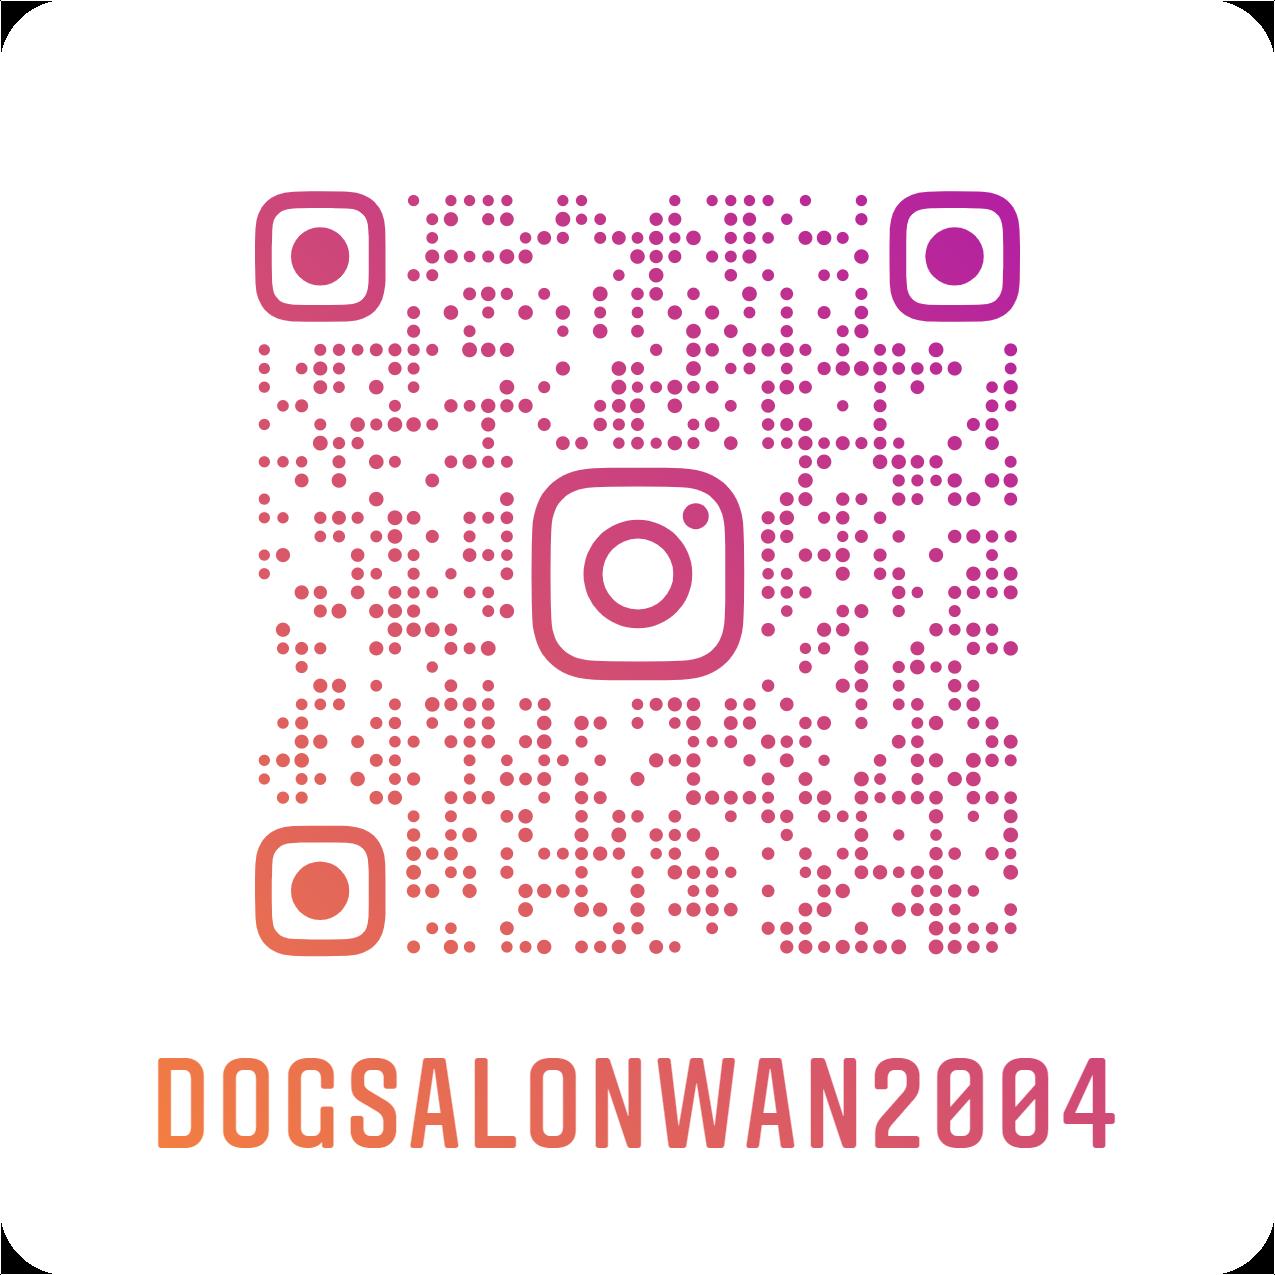 dogsalonwan2004_nametag_20210711131019c16.png